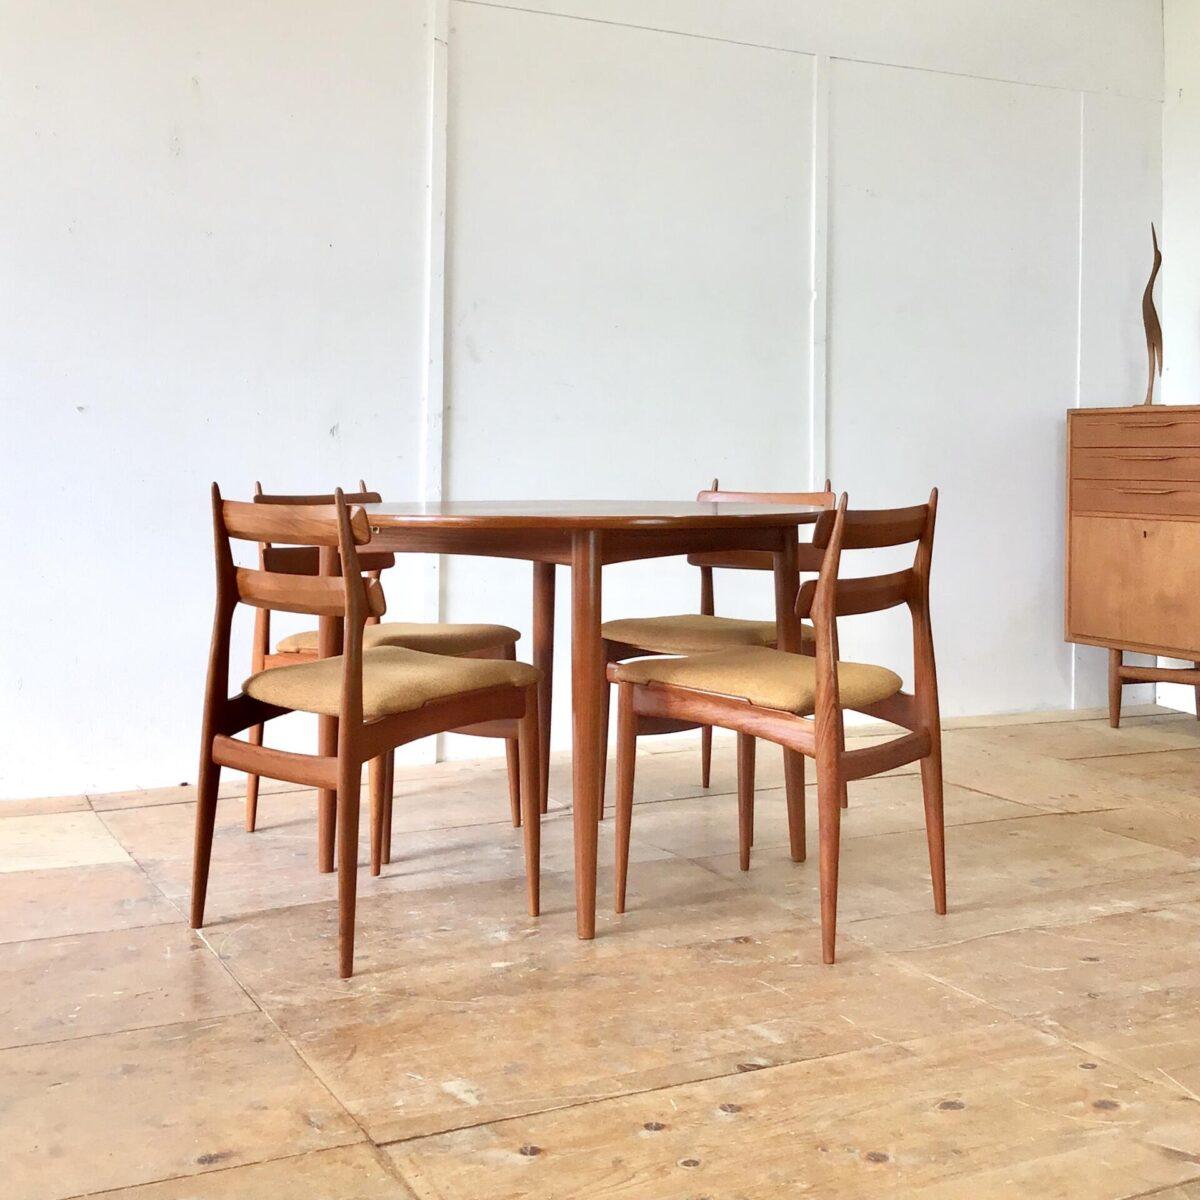 Deuxieme.shop Midcentury Teak Tisch. Esstisch, Küchentisch runder Auszugtisch, Holztisch. Durchmesser 110cm Höhe 73cm ausgezogen 148 x 110cm. Tischblatt furniert geölt, ausziehbar. Die Verlängerung ist aufklappbar und lässt sich im Bauch des Tisches verstauen. Die konisch runden Tischbeine sind aus Vollholz.